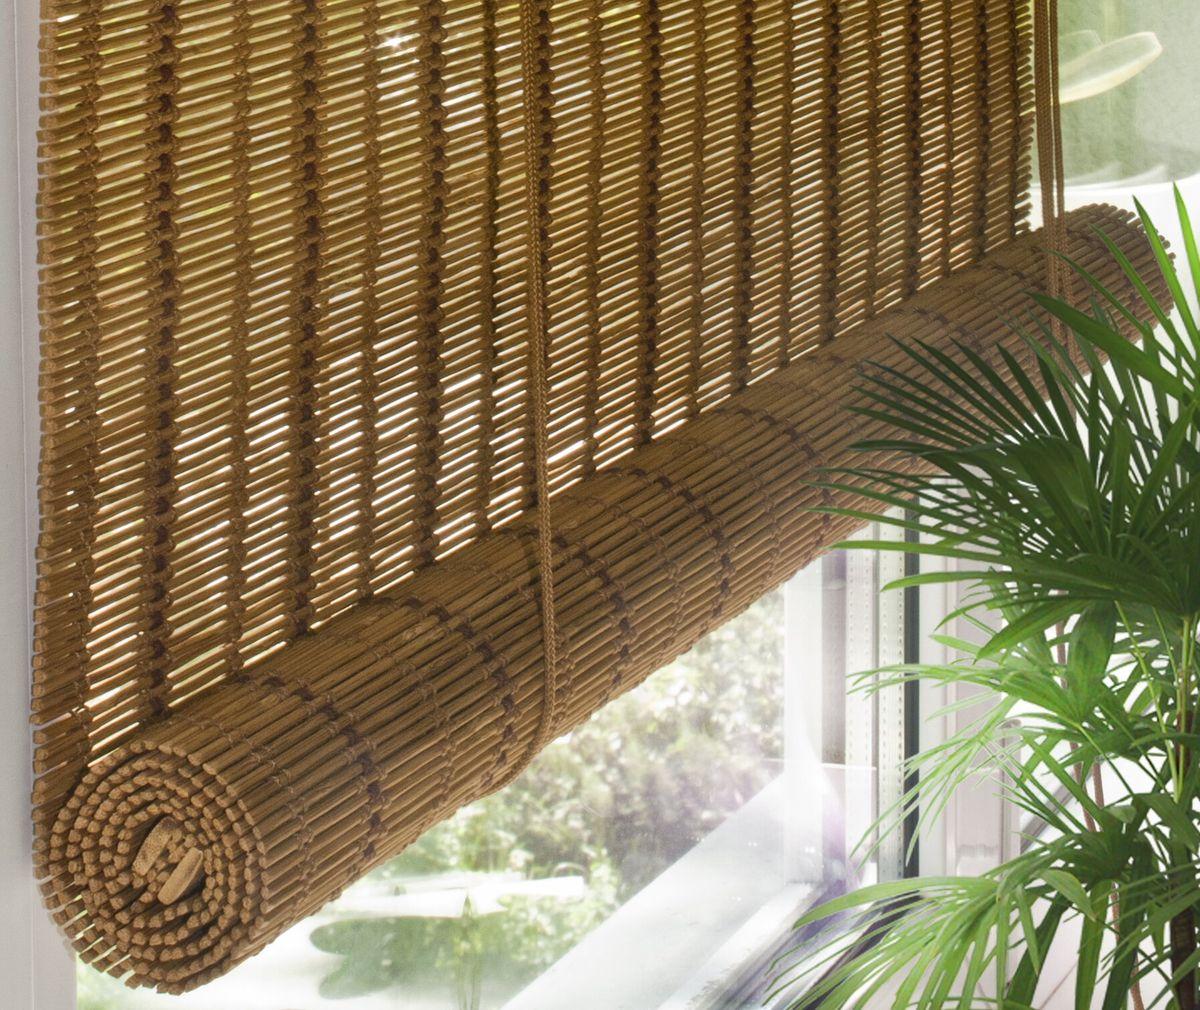 Штора рулонная Эскар Бамбук, цвет: медный, ширина 160 см, высота 160 см70142160160При оформлении интерьера современных помещений многие отдают предпочтение природным материалам. Бамбуковые рулонные шторы - одно из натуральных изделий, способное сделать атмосферу помещения более уютной и в то же время необычной. Свойства бамбука уникальны: он экологически чист, так как быстро вырастает, благодаря чему не успевает накопить вредные вещества из окружающей среды. Кроме того, растение обладает противомикробным и антибактериальным действием. Занавеси из бамбука безопасно использовать в помещениях, где находятся новорожденные дети и люди, склонные к аллергии. Они незаменимы для тех, кто заботится о своем здоровье и уделяет внимание высокому уровню жизни.Бамбуковые рулонные шторы представляют собой полотно, состоящее из тонких бамбуковых стеблей и сворачиваемое в рулон.Римские бамбуковые шторы, как и тканевые римские шторы, при поднятии образуют крупные складки, которые прекрасно декорируют окно.Особенность устройства полотна позволяет свободно пропускать дневной свет, что обеспечивает мягкое освещение комнаты. Это натуральный влагостойкий материал, который легко вписывается в любой интерьер, хорошо сочетается с различной мебелью и элементами отделки. Использование бамбукового полотна придает помещению необычный вид и визуально расширяет пространство.Помимо внешней красоты, это еще и очень удобные конструкции, экономящие пространство. Изготавливаются они из специальных материалов, устойчивых к внешним воздействиям. Сама штора очень эргономичная, и позволяет изменять визуально пространство в зависимости от потребностей владельца.